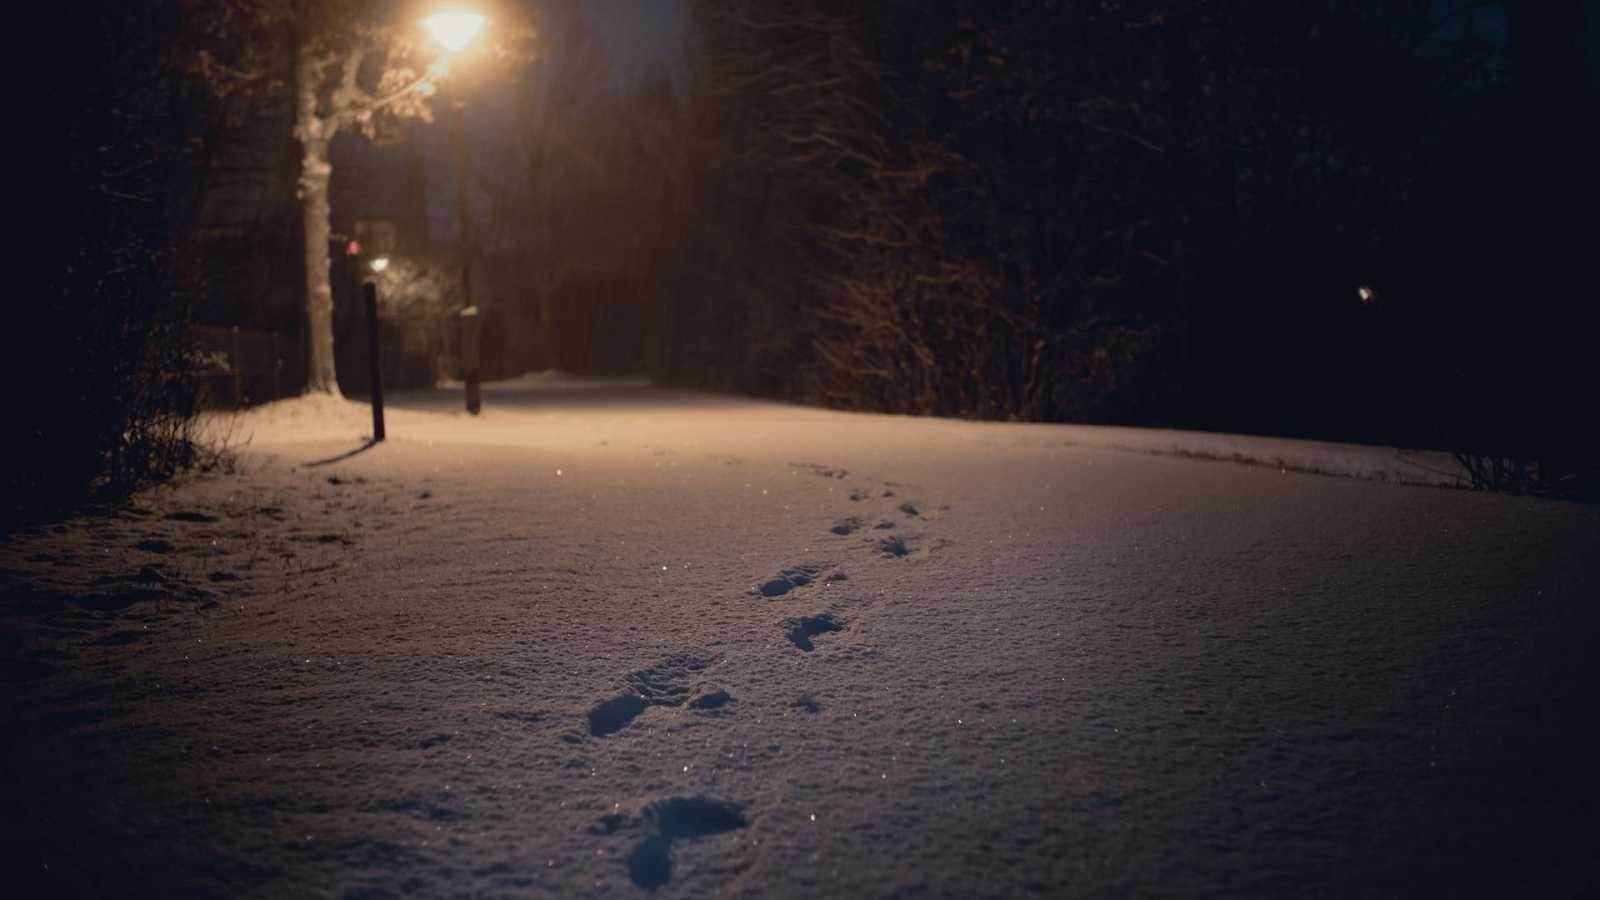 Cierra la puerta - Pasos en la oscuridad - 21/02/21 - escuchar ahora